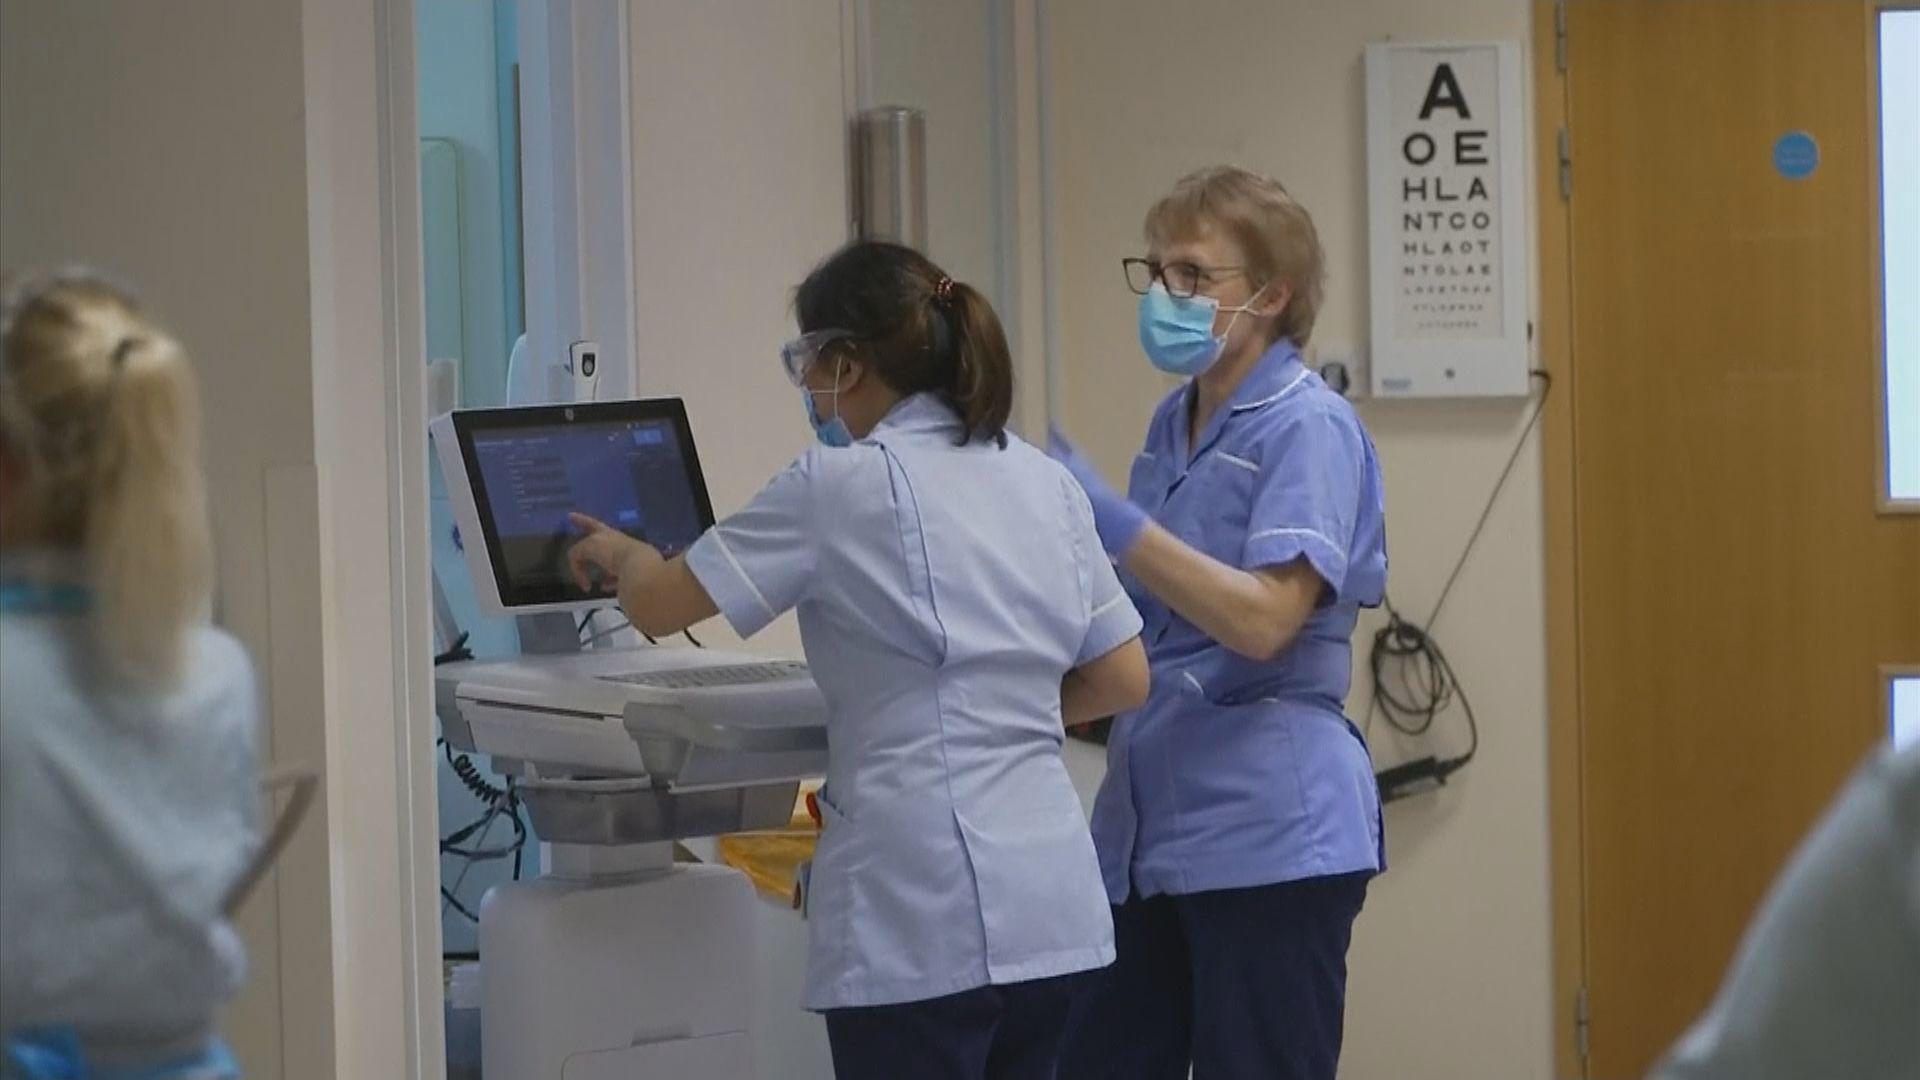 英國皇家護理學院指引:護士如無足夠防護應拒絕治療